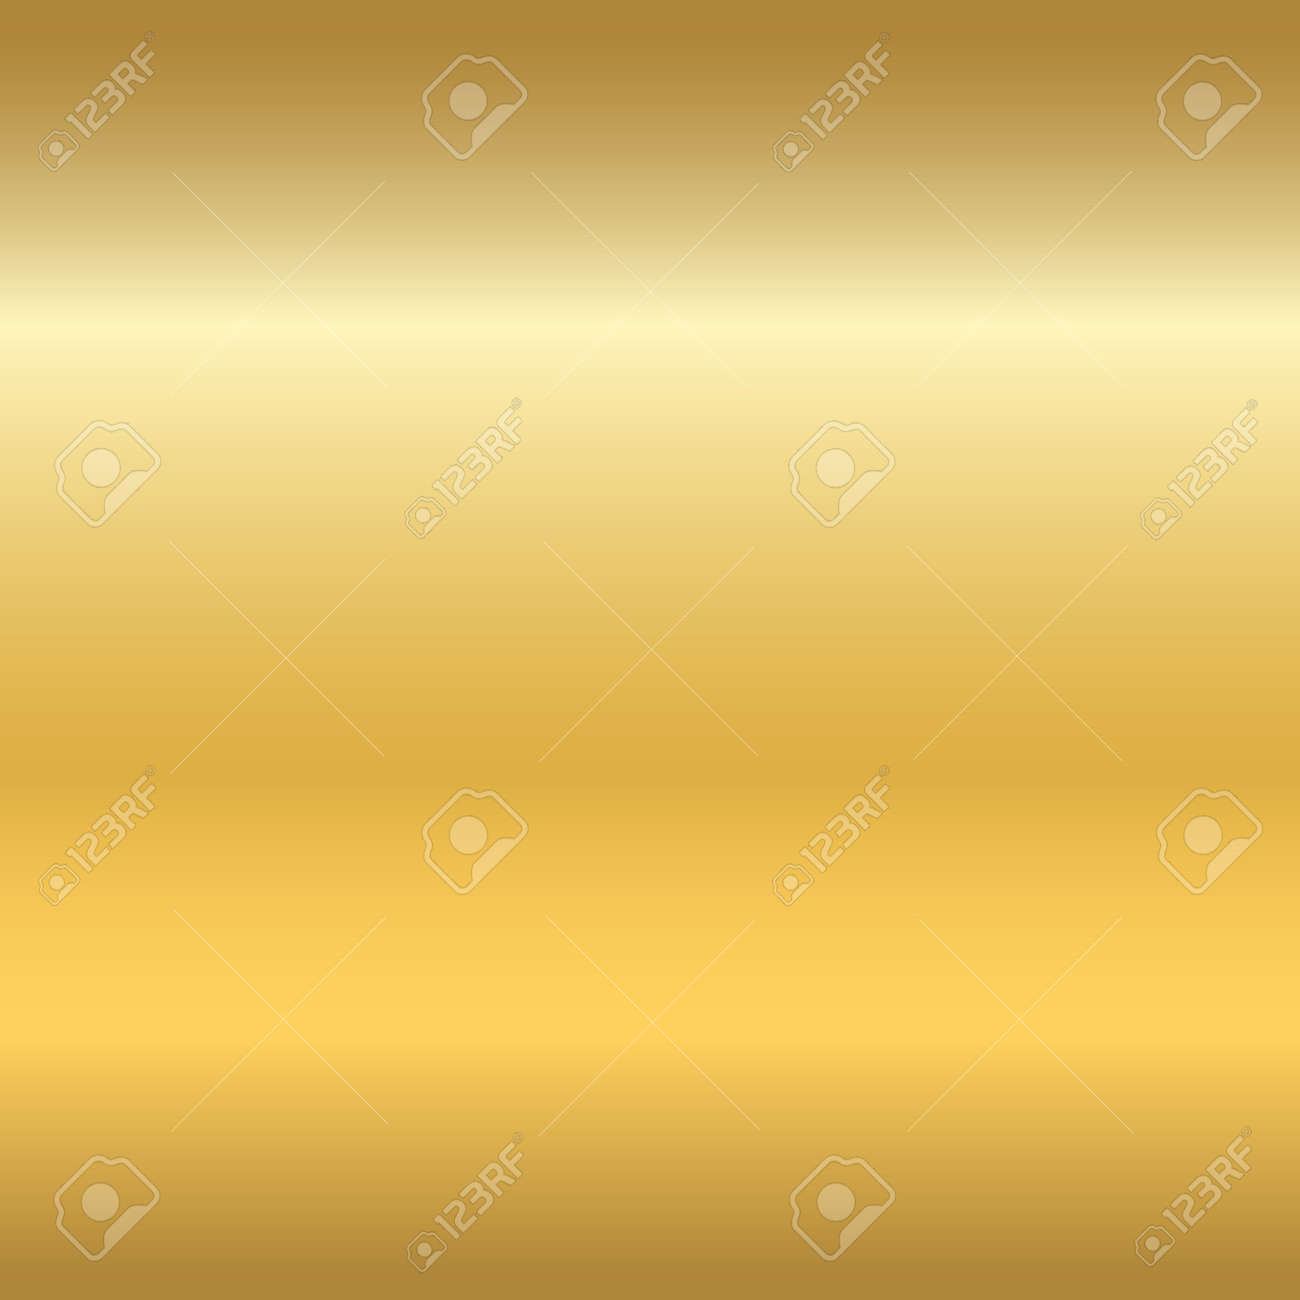 Gold-Textur Nahtlose Muster. Licht Realistisch, Glänzend, Metallisch ...